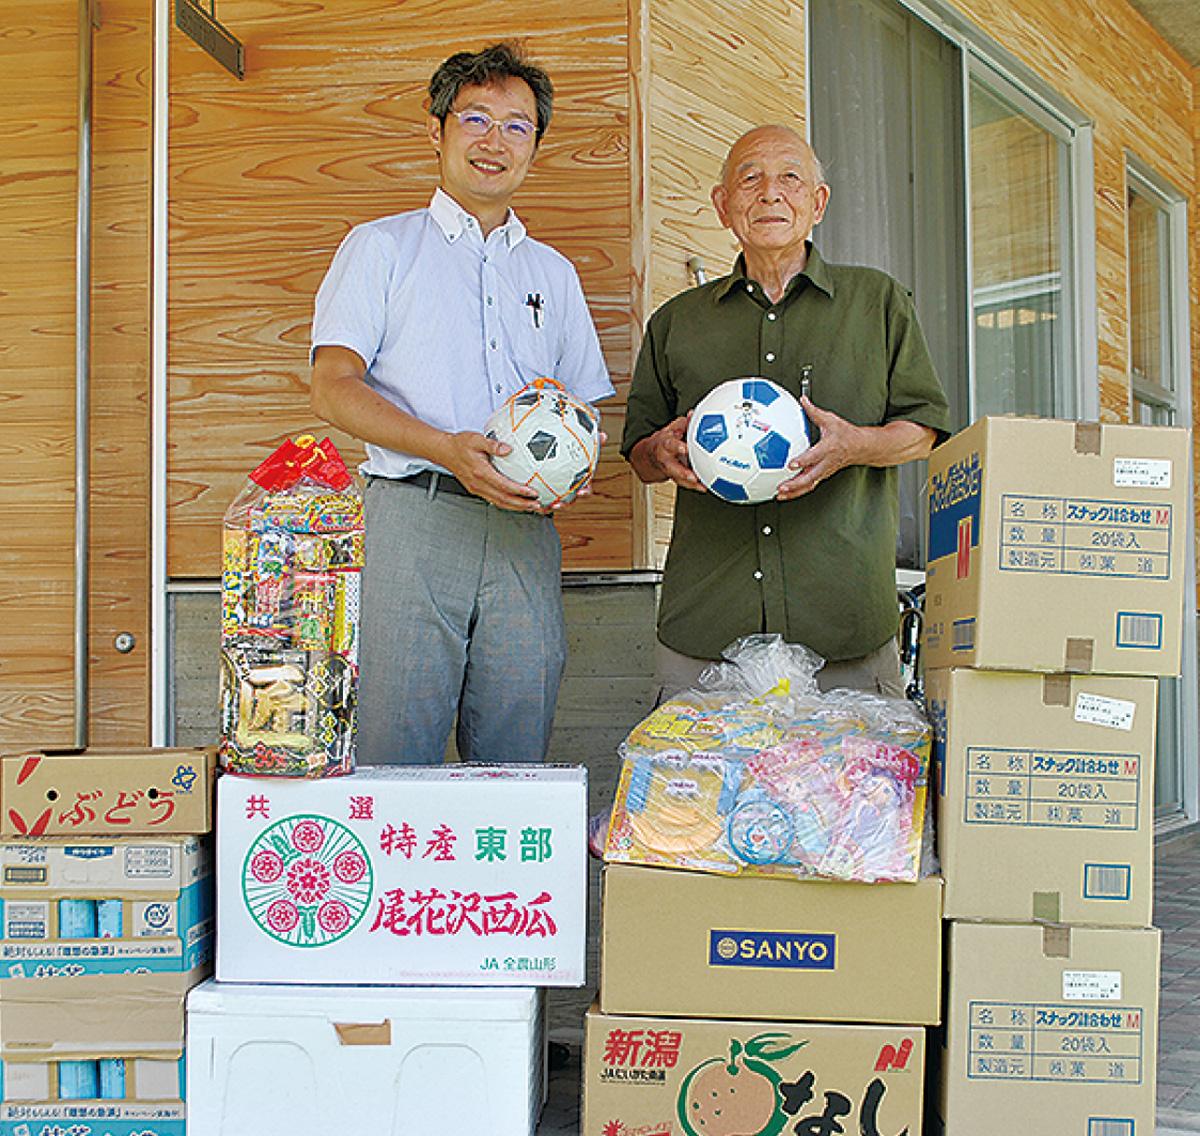 児童養護施設へ物品を提供